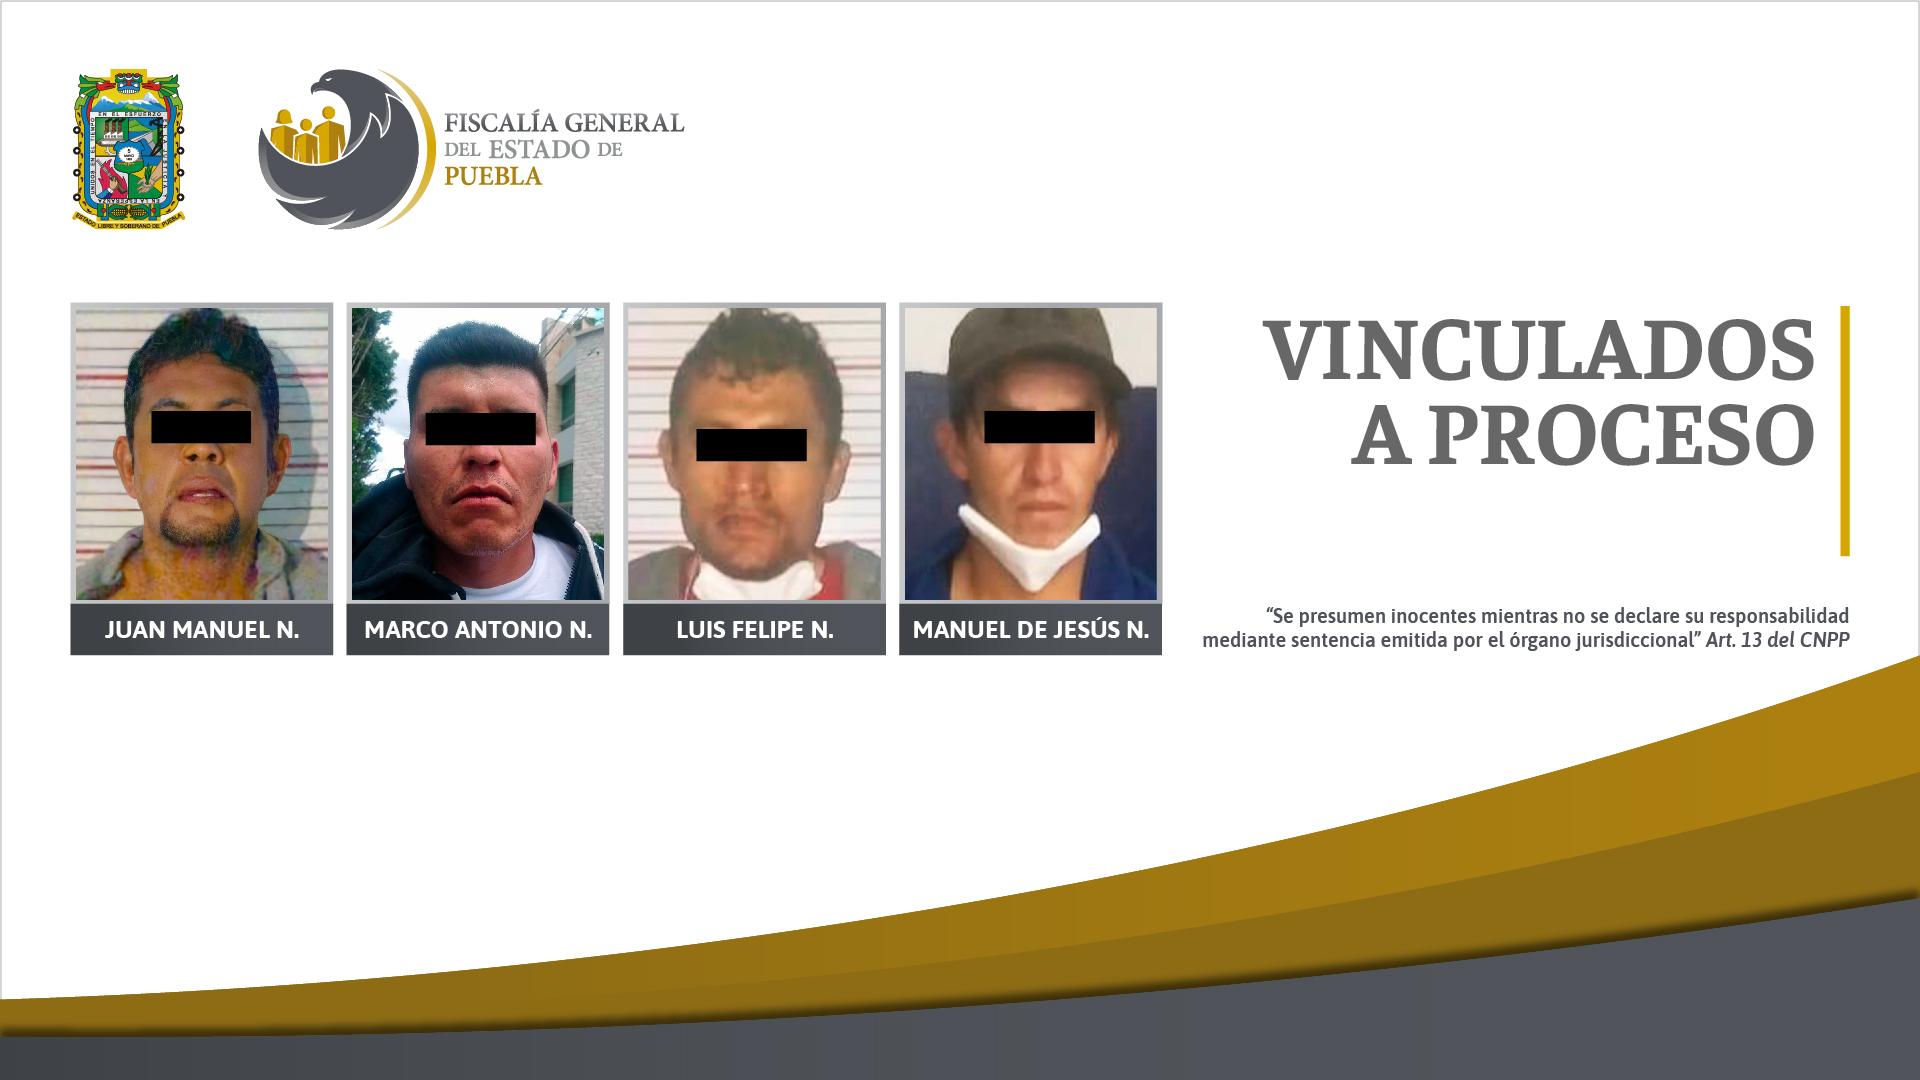 Cuatro vinculados a proceso por el delito de robo en diversas modalidades